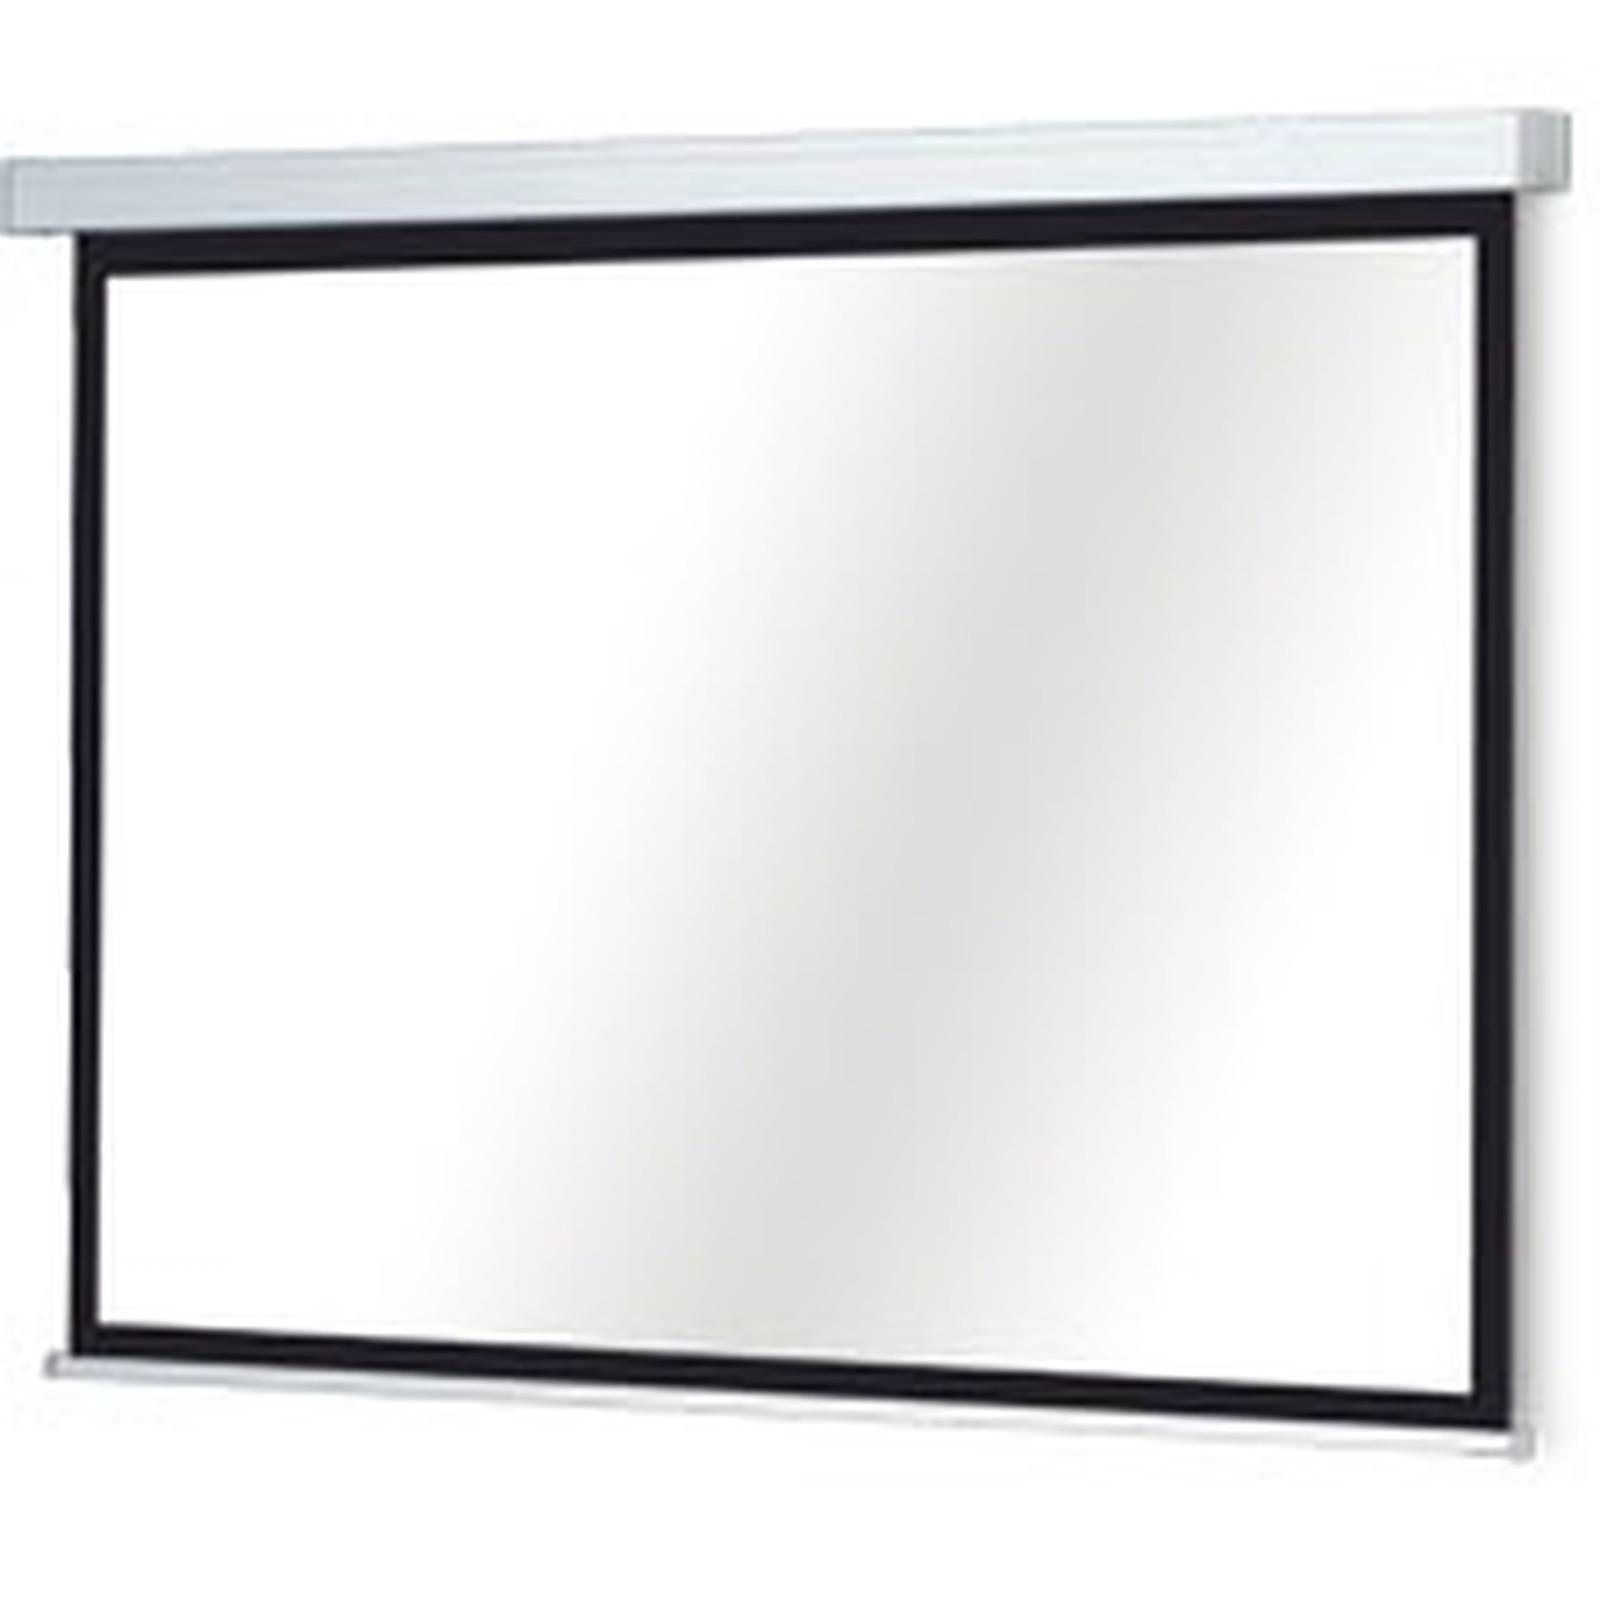 Procolor JUNIOR-SCREEN - Ecran motorisé - Format 16:9 - 198 x 114 cm